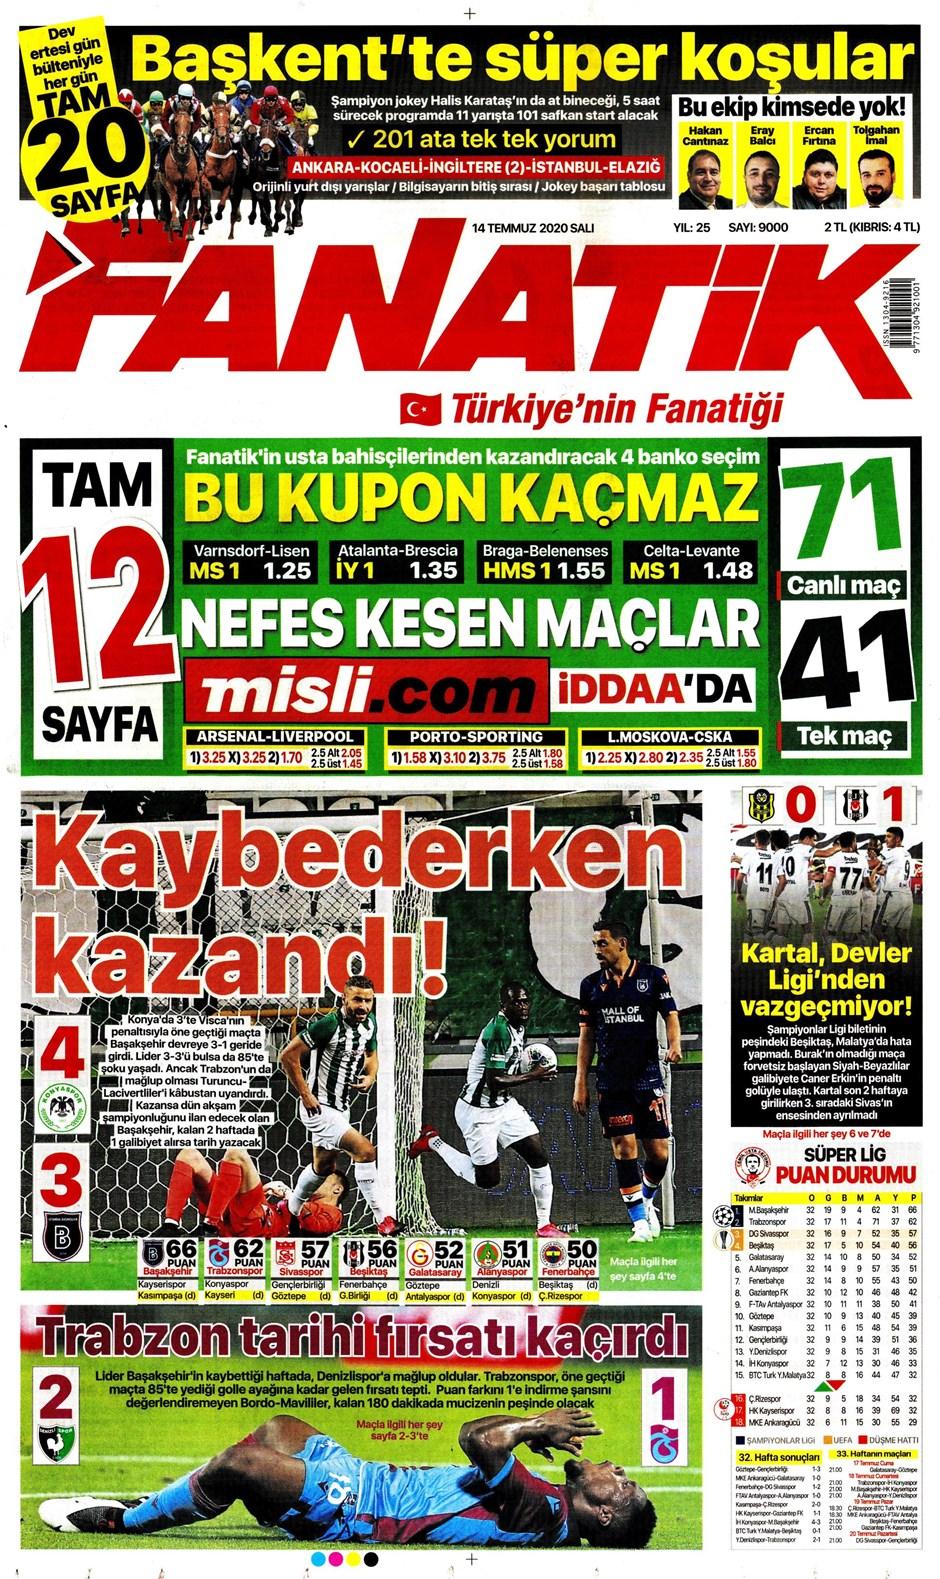 Sporda gazete başlıkları! Günün spor manşetleri (14 Temmuz 2020) 10